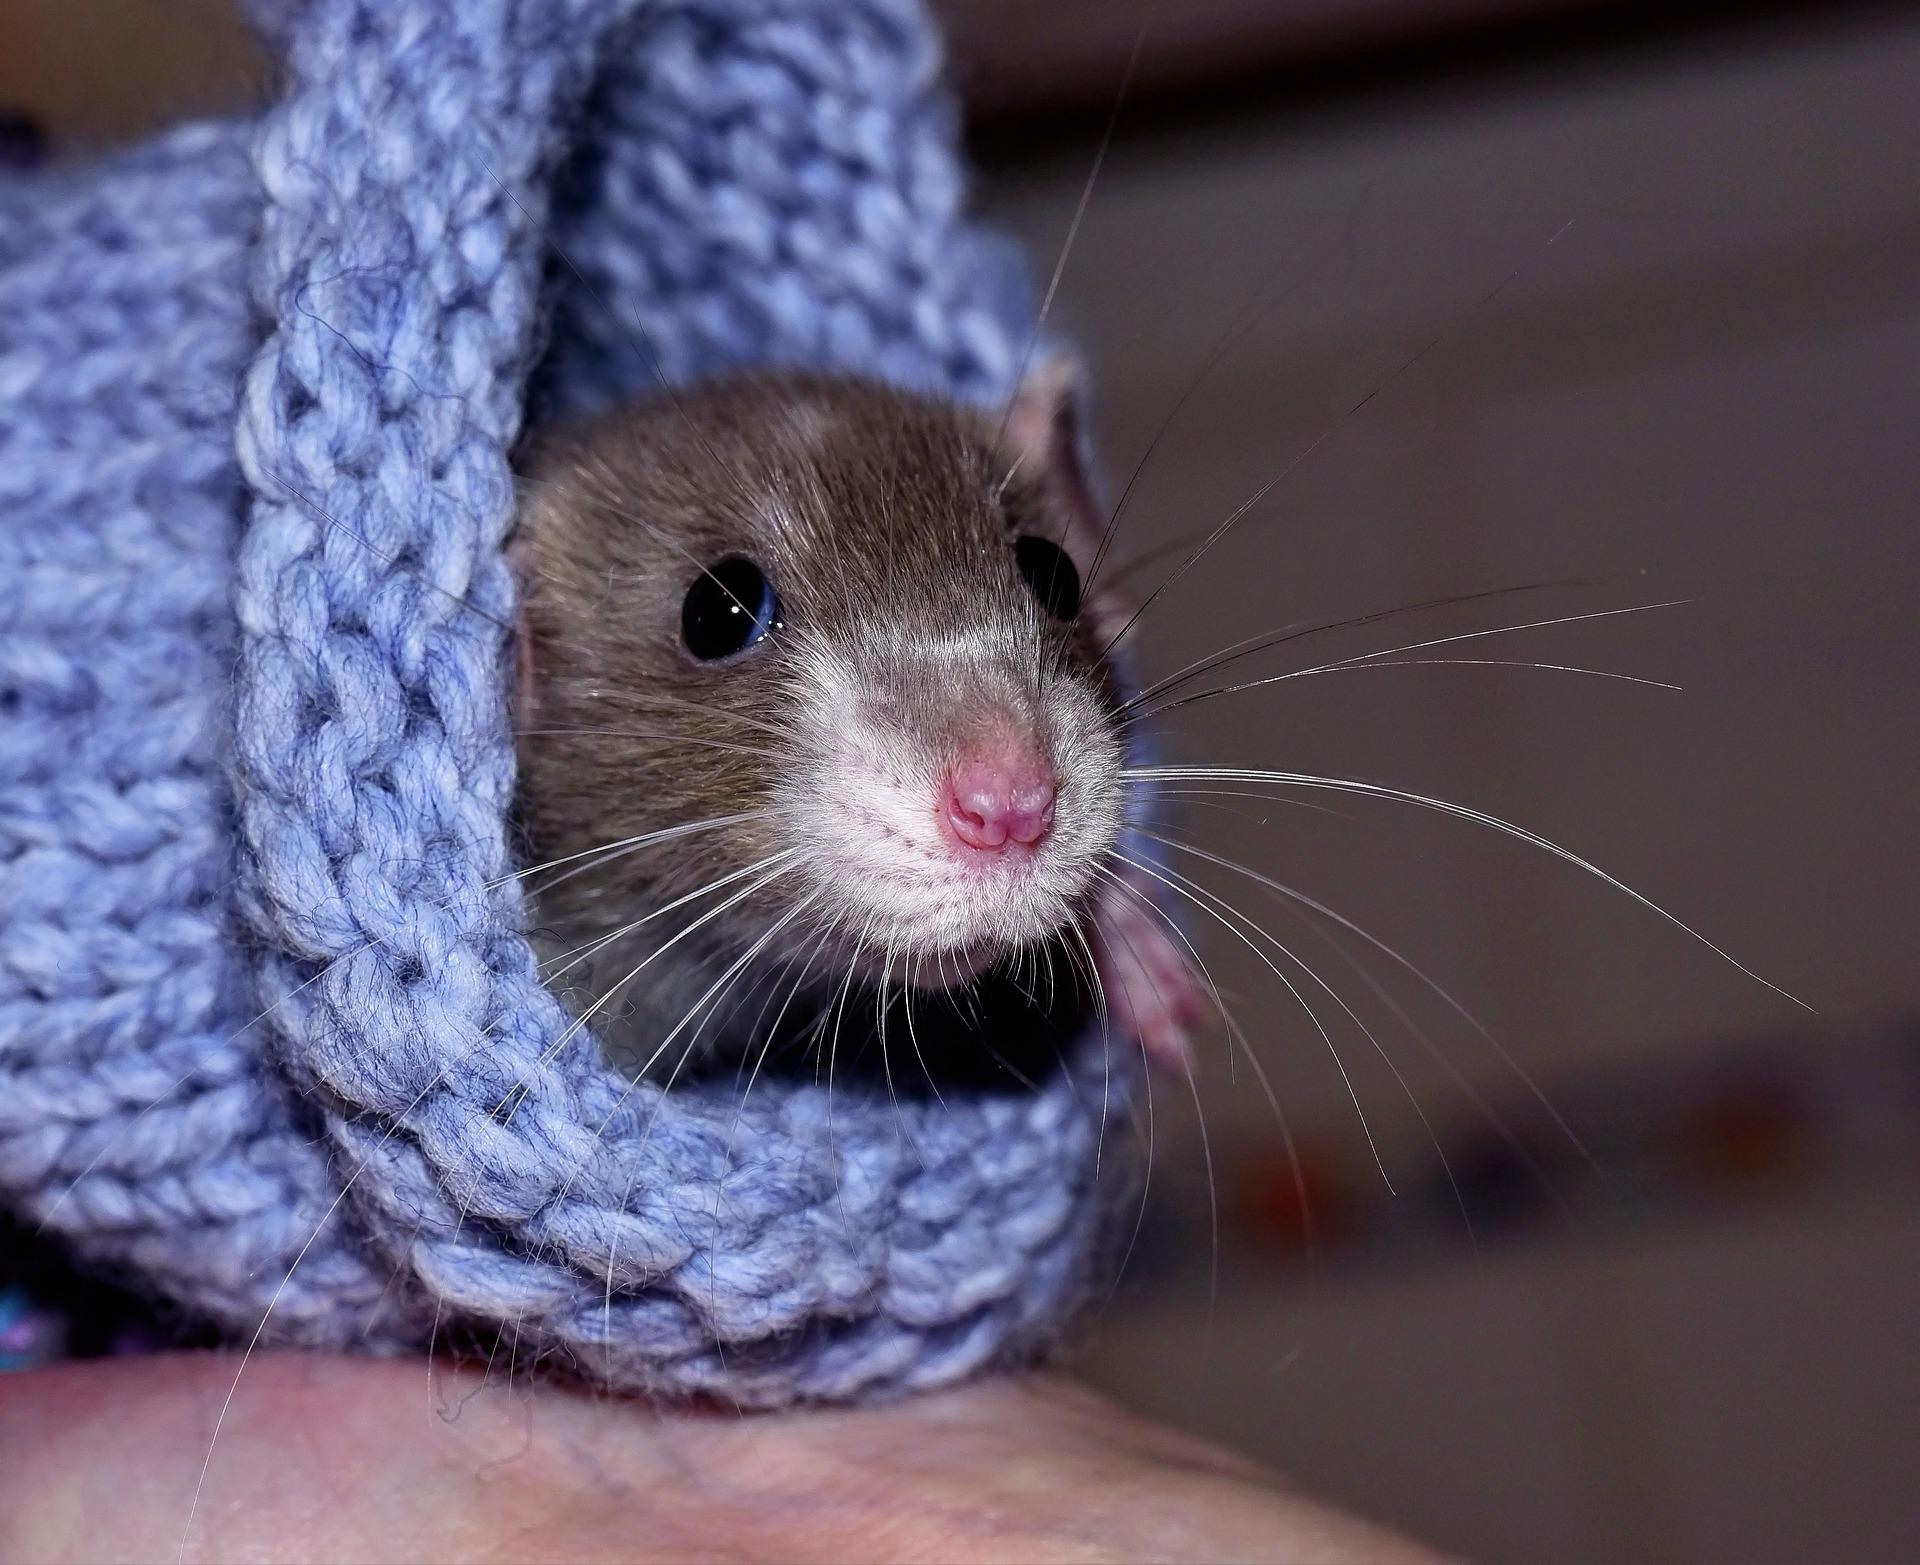 camundongo dentro de meia de lã